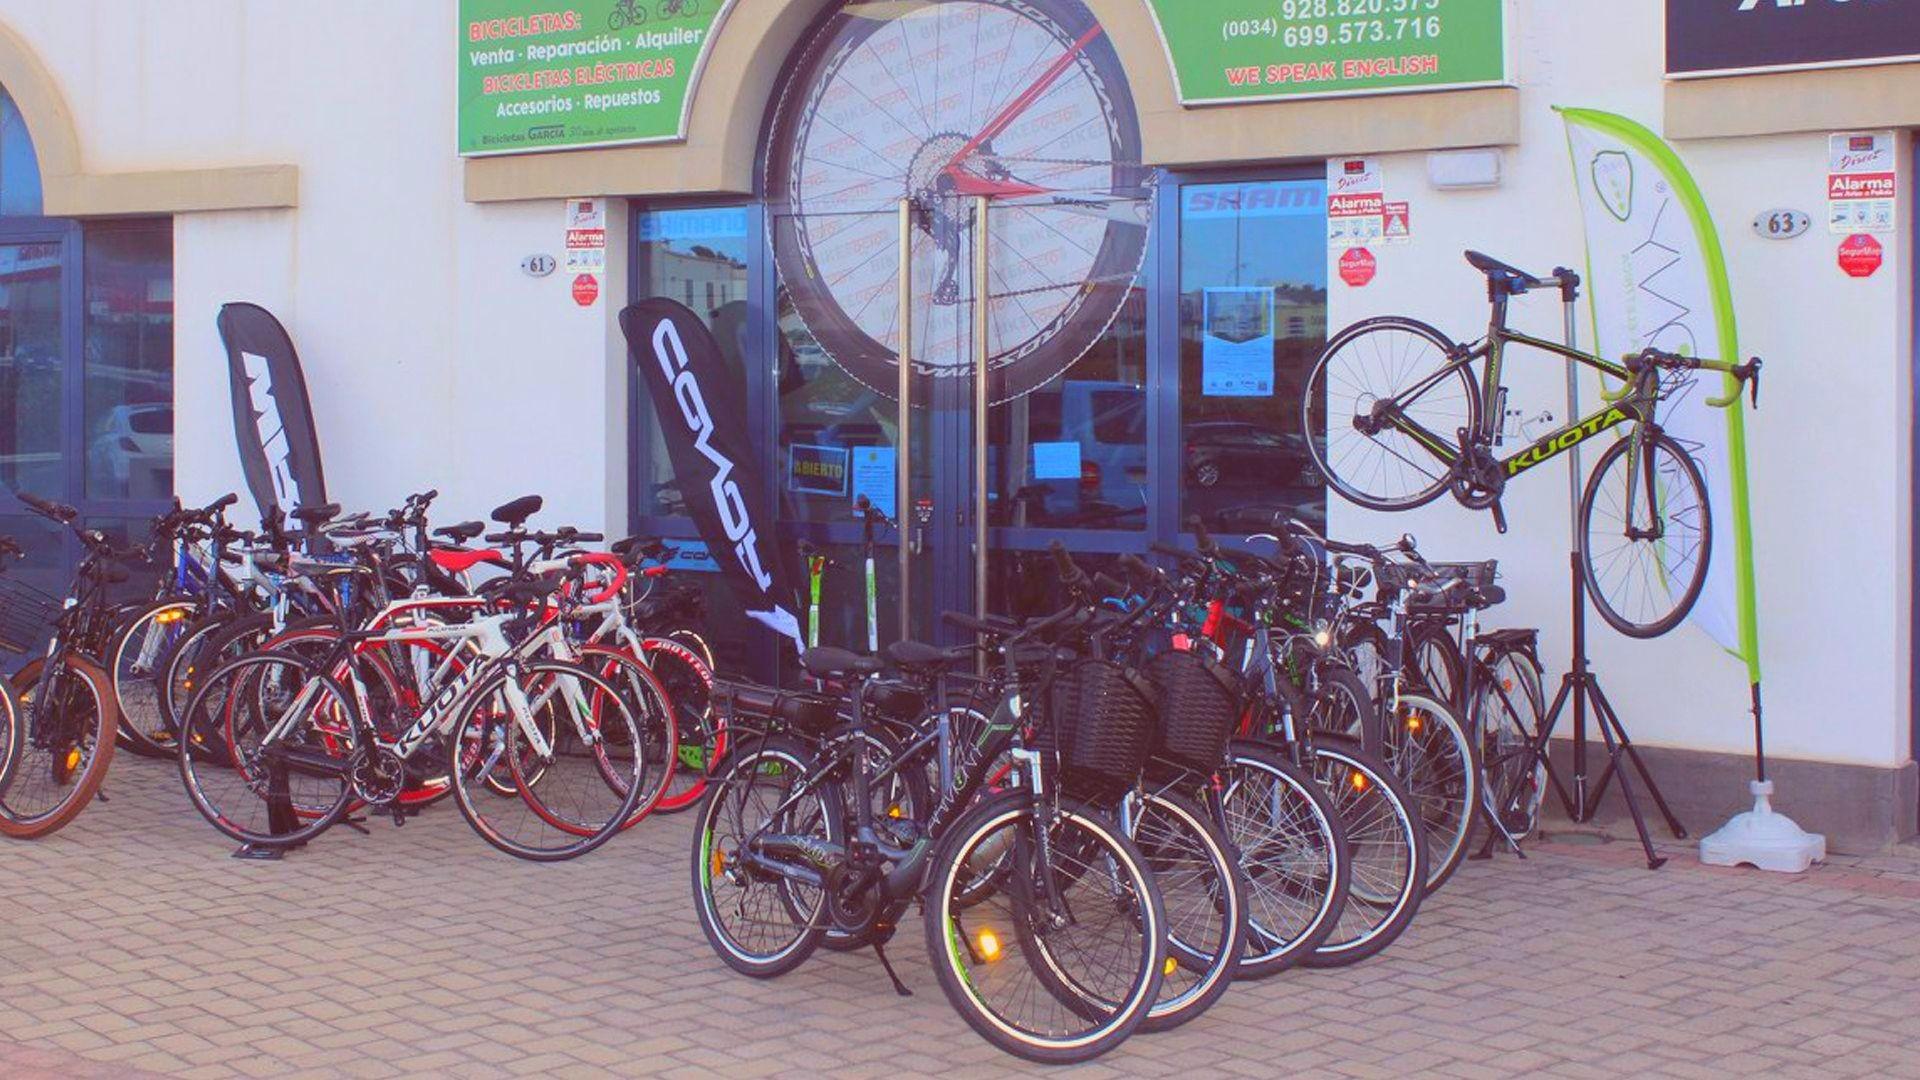 Alquiler, venta y reparaciones de bicicletas en Lanzarote